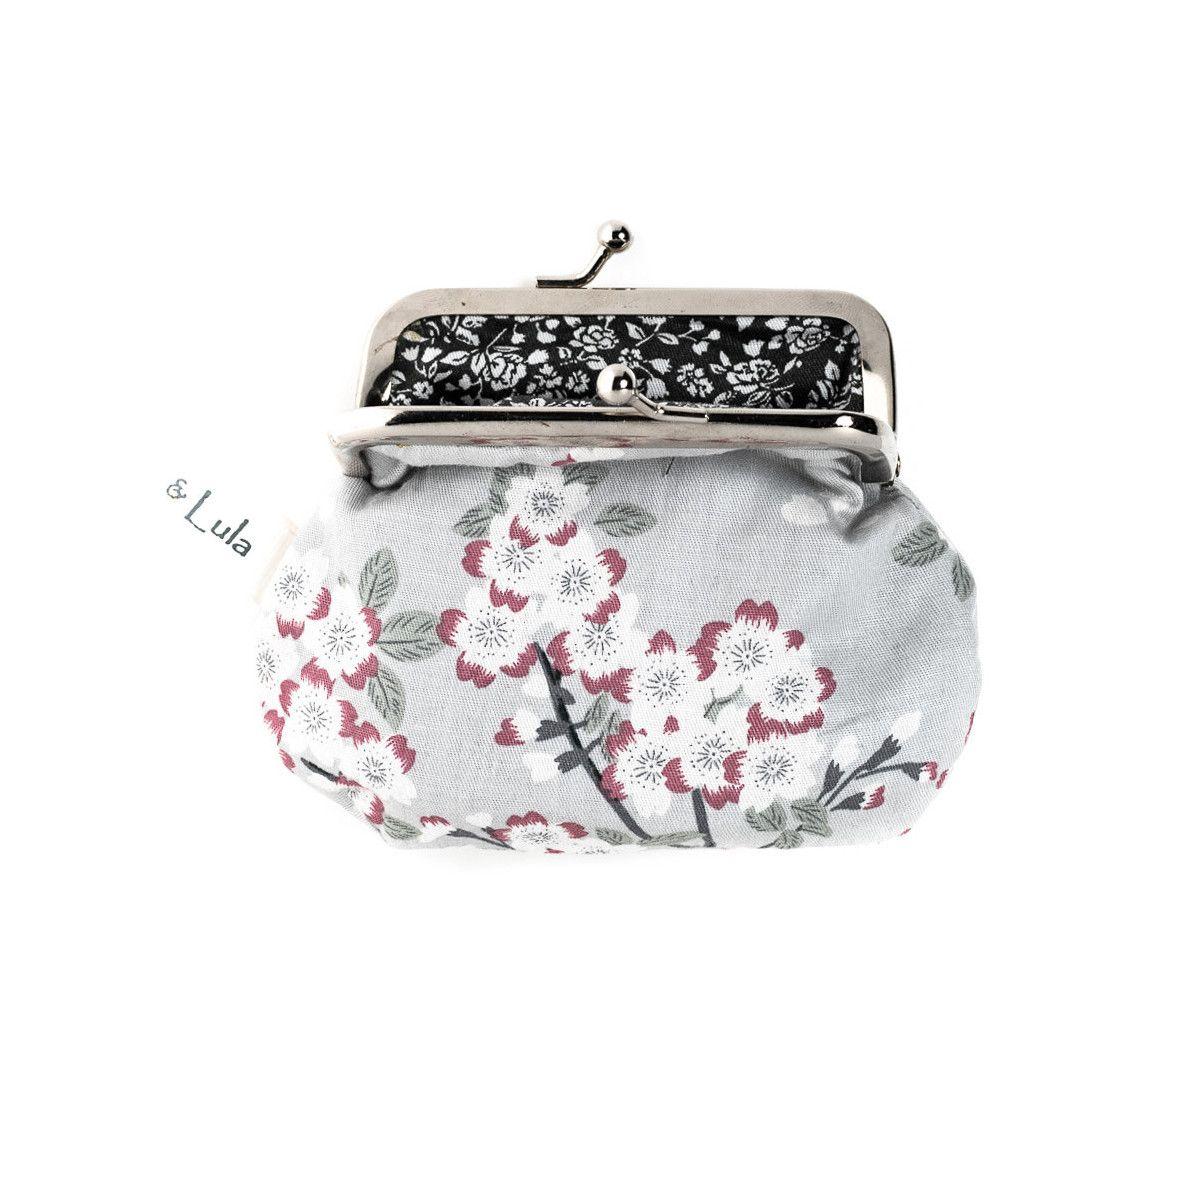 Petit-porte monnaie style rétro platvert d'eau et fleurs cerisiers